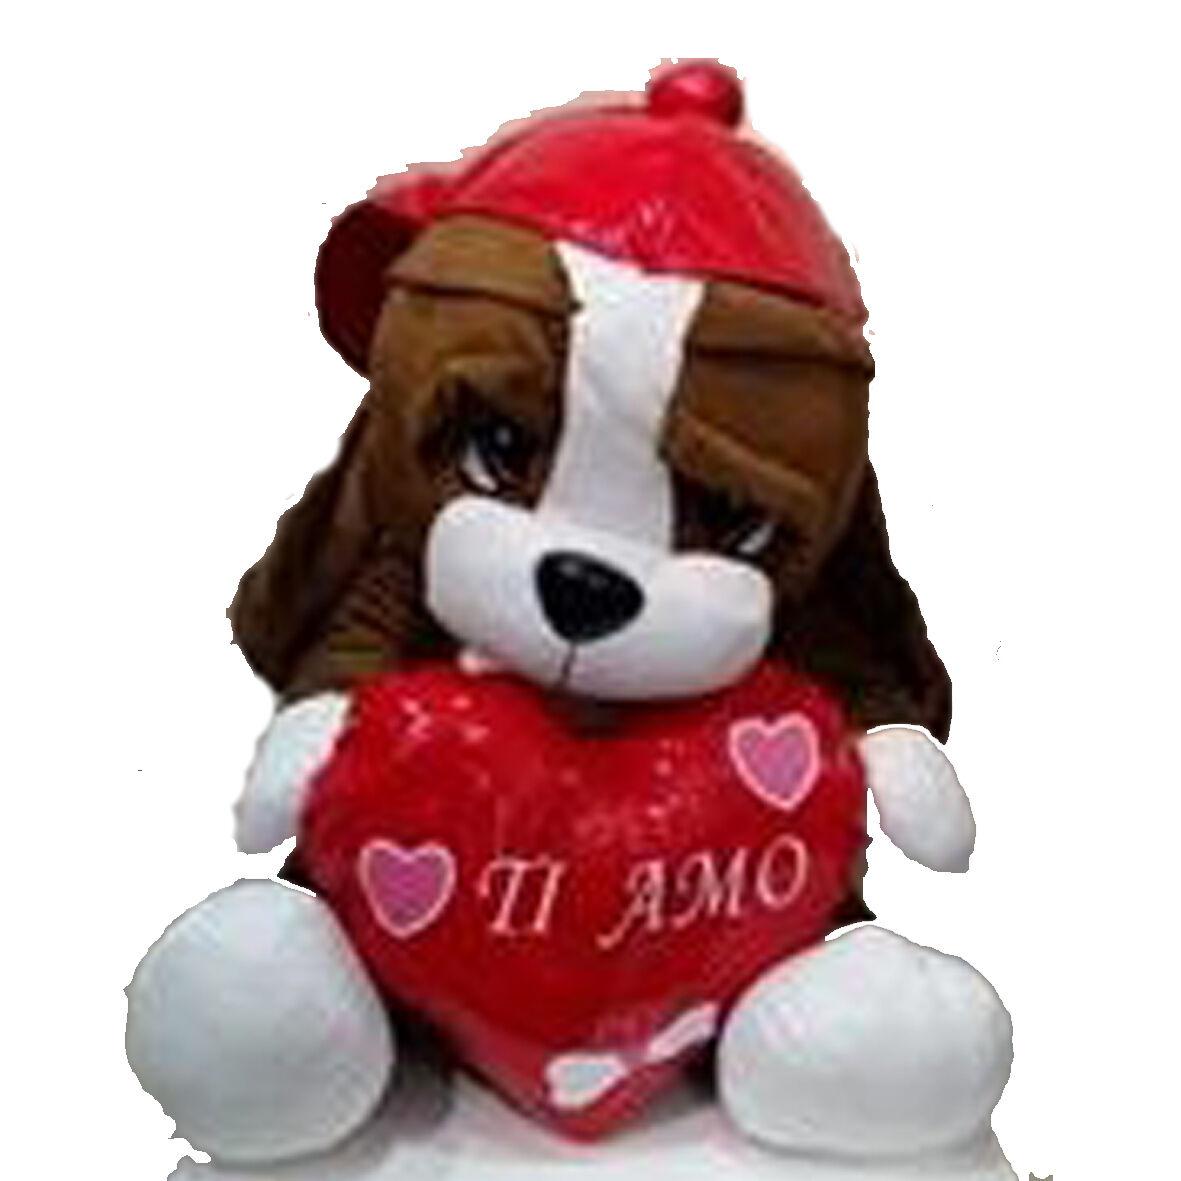 Peluches AMORE bulldog 60 cm cuore TI AMO idea regalo innamorati o SAN VALENTINO